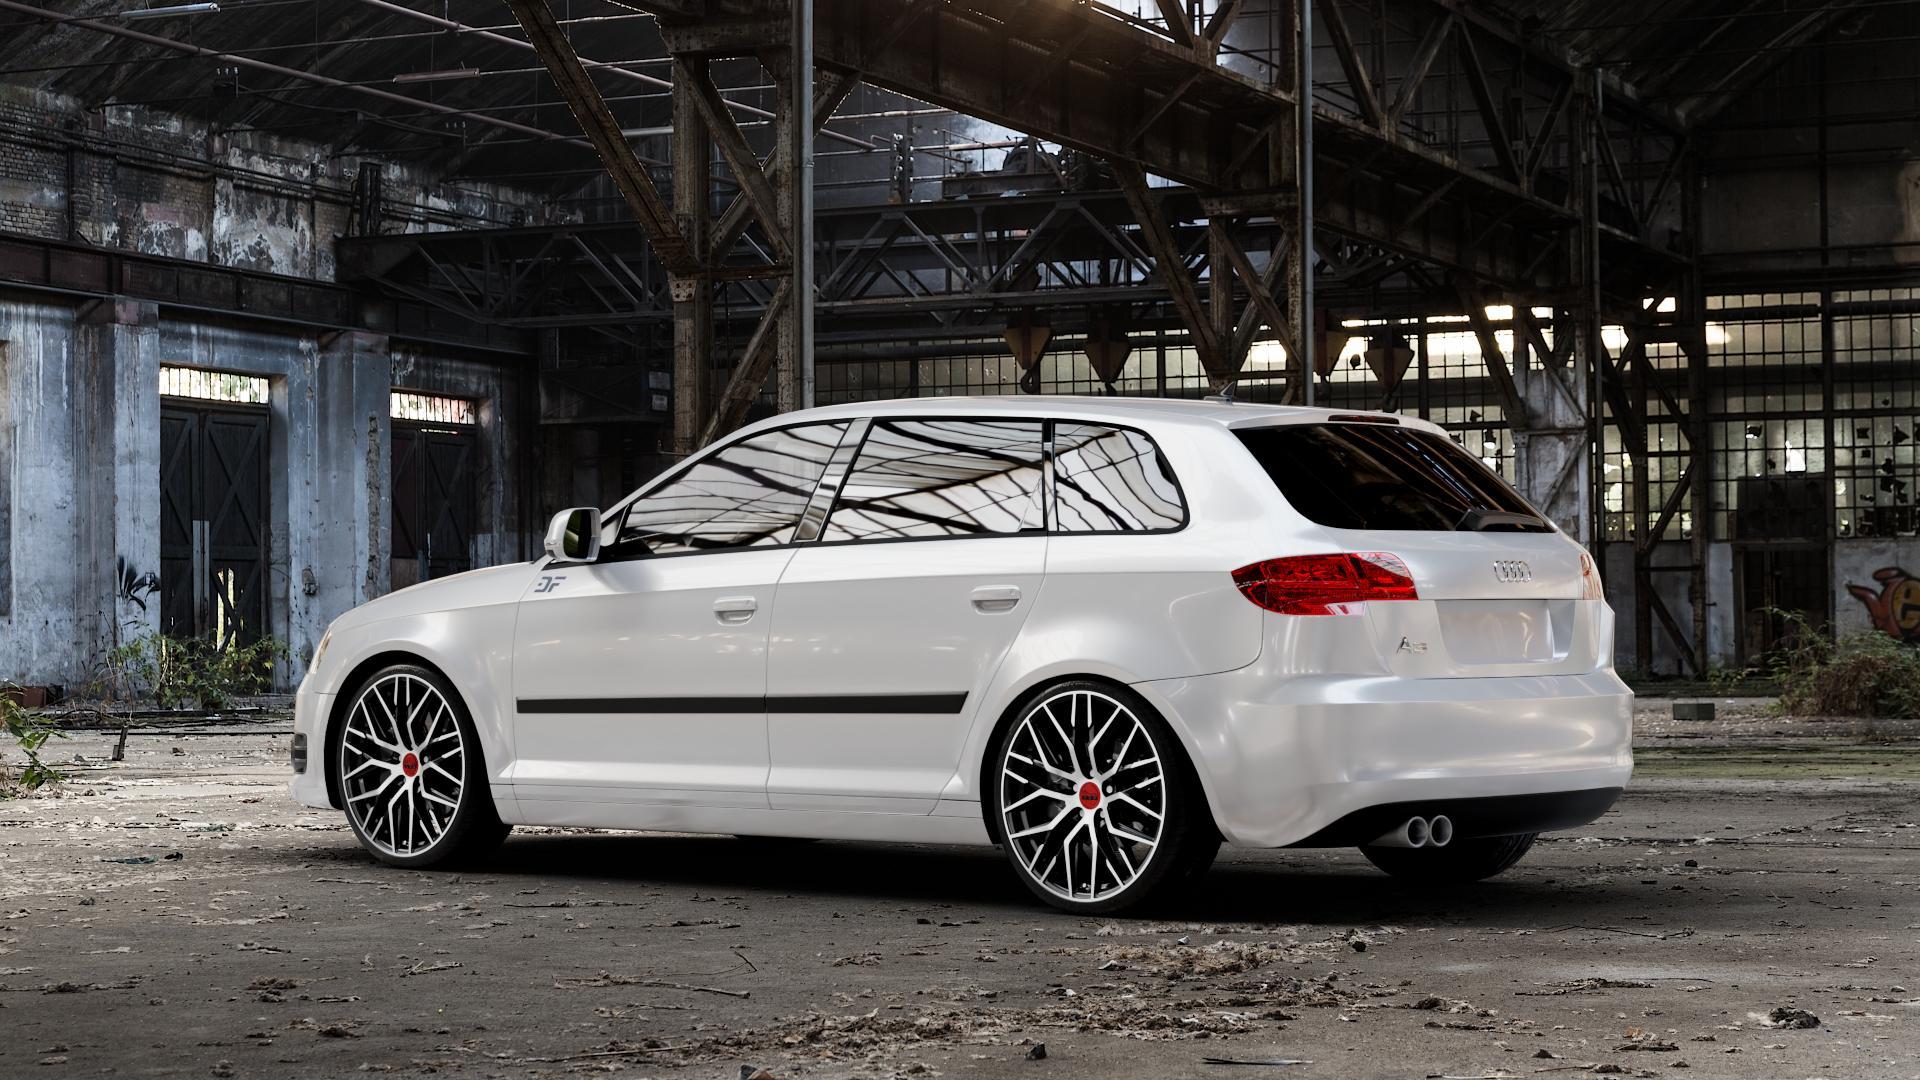 MAM RS4 BLACK FRONT POLISH Felge mit Reifen schwarz in 19Zoll Winterfelge Alufelge auf weissem Audi A3 Typ 8P (Sportback) 1,6l 75kW (102 PS) 2,0l FSI 110kW (150 1,9l TDI 77kW (105 103kW (140 TFSI 147kW (200 85kW (116 100kW (136 1,8l 118kW (160 125kW (170 1,4l 92kW (125 120kW (163 quattro 3,2l V6 184kW (250 S3 195kW (265 1,2l 66kW (90 18